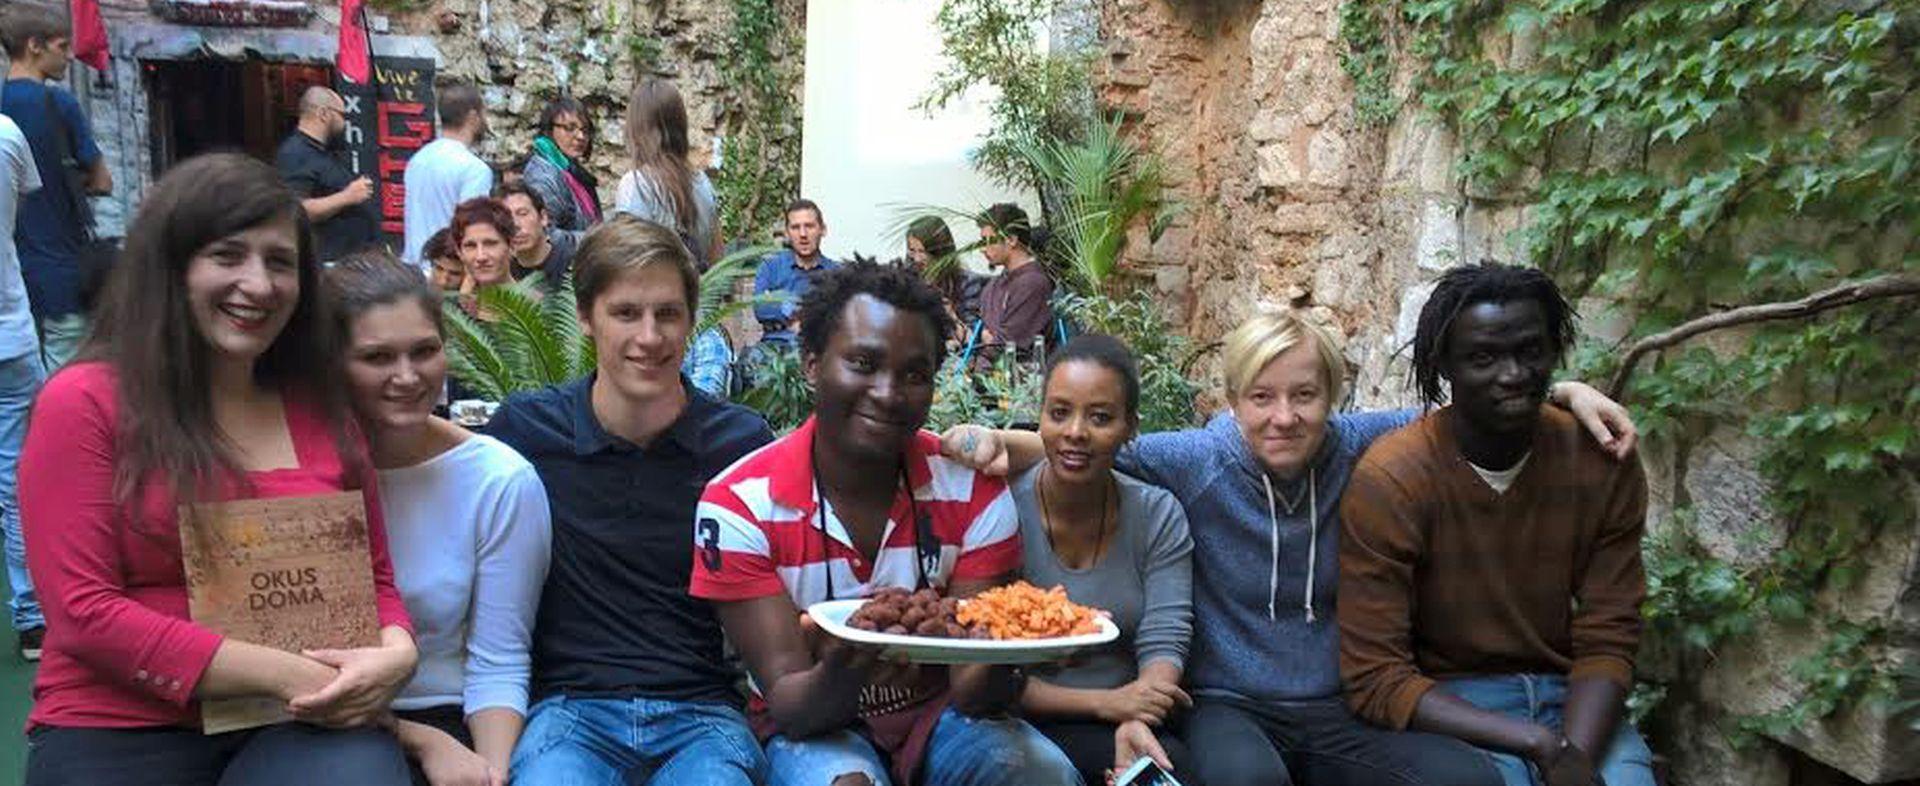 Izbjeglice koje se kuhanjem žele integrirati u Hrvatsku